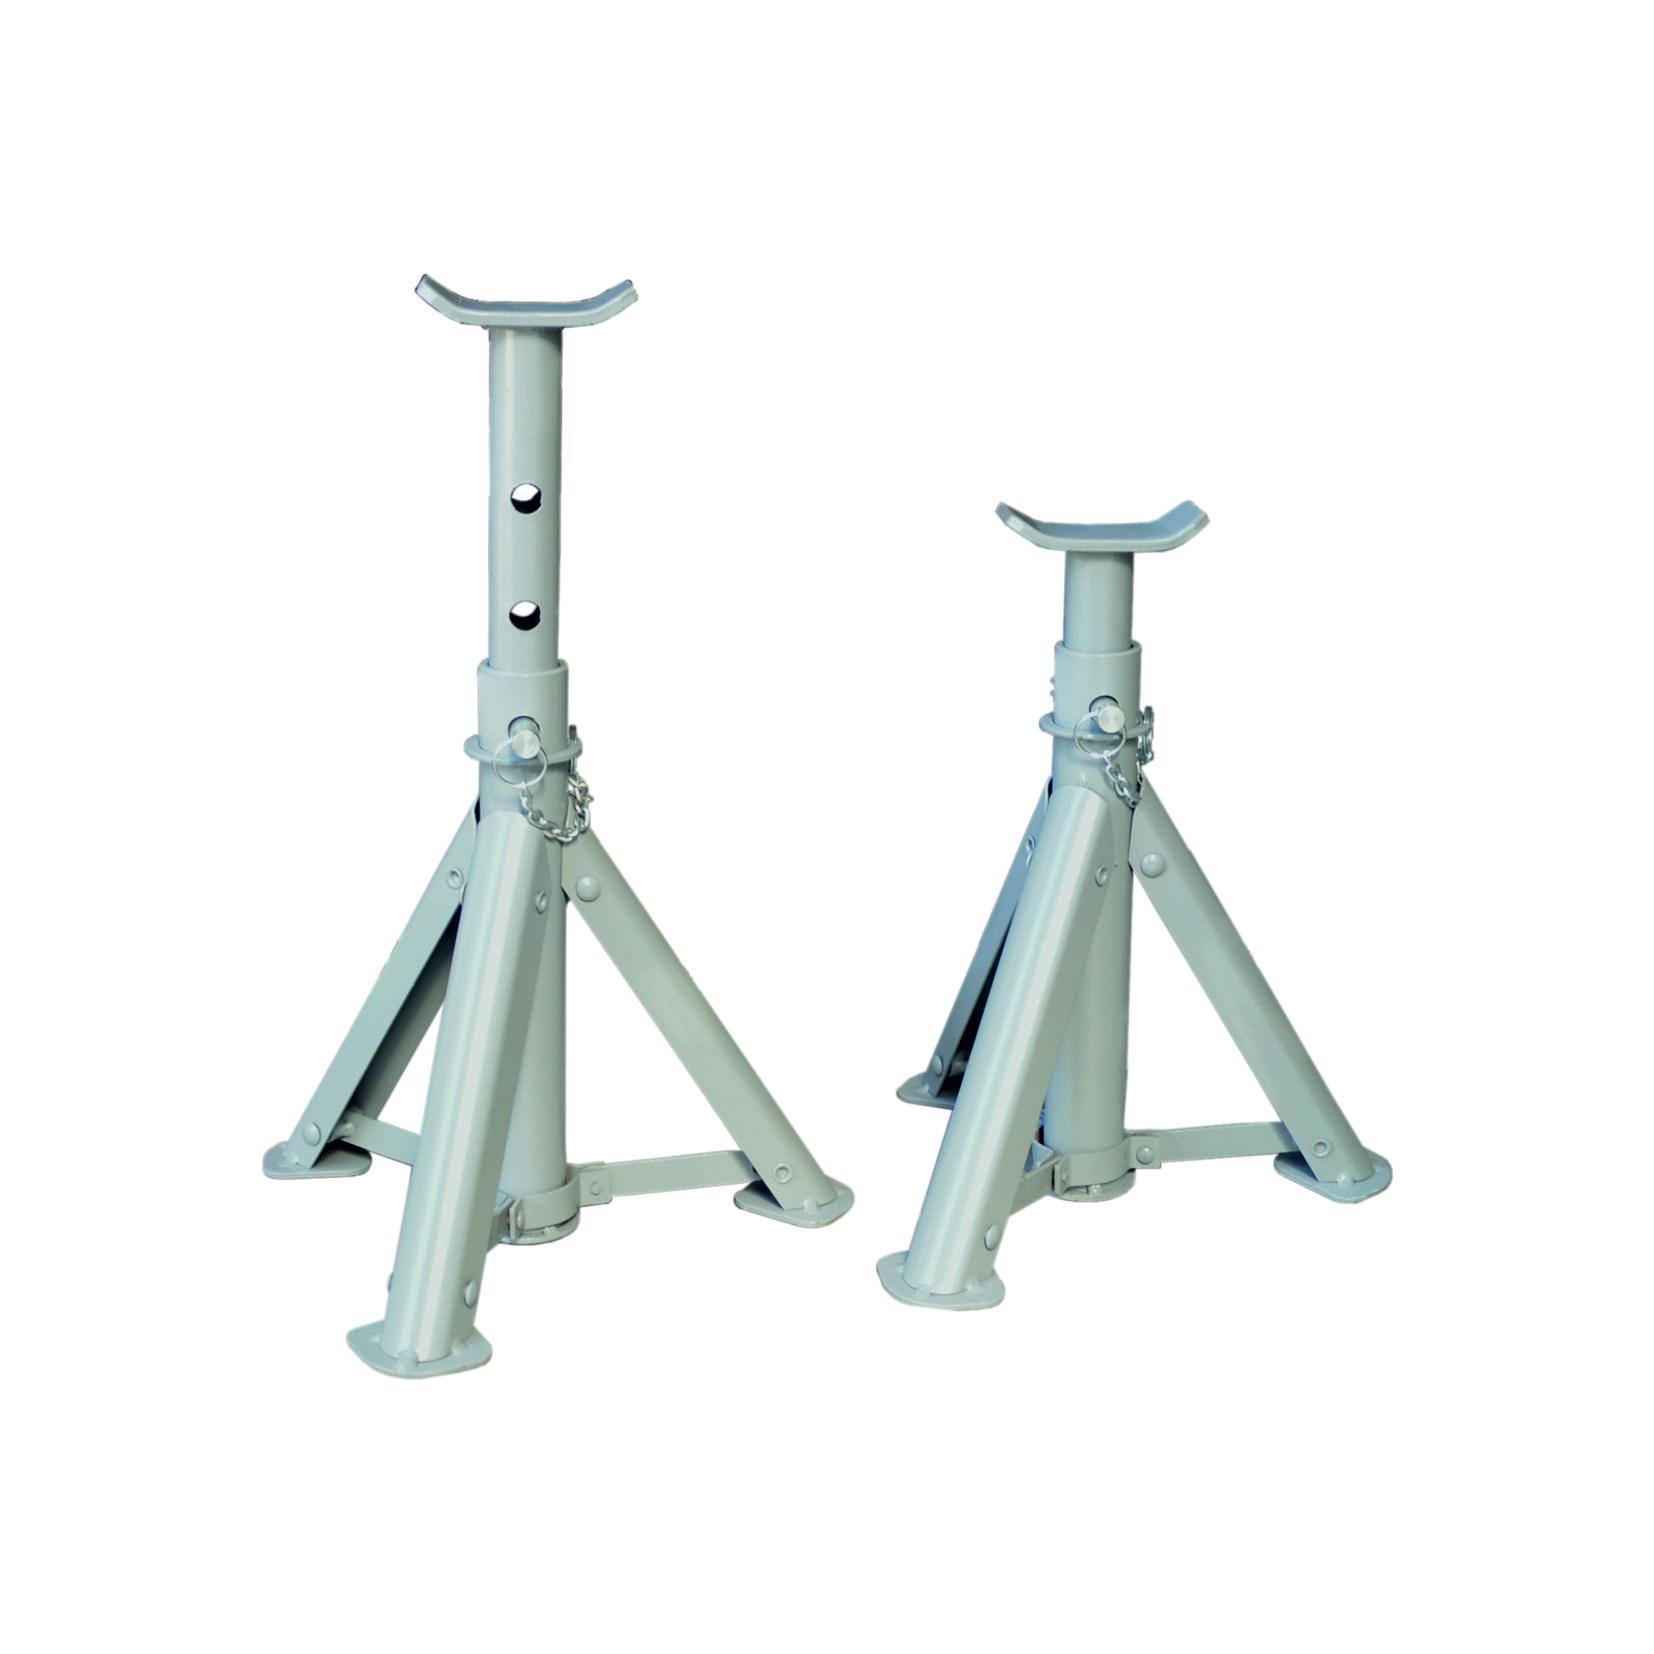 Комплект WiederkraftДополнительный инструмент<br>Тип: комплект,<br>Цвет: комплект<br>